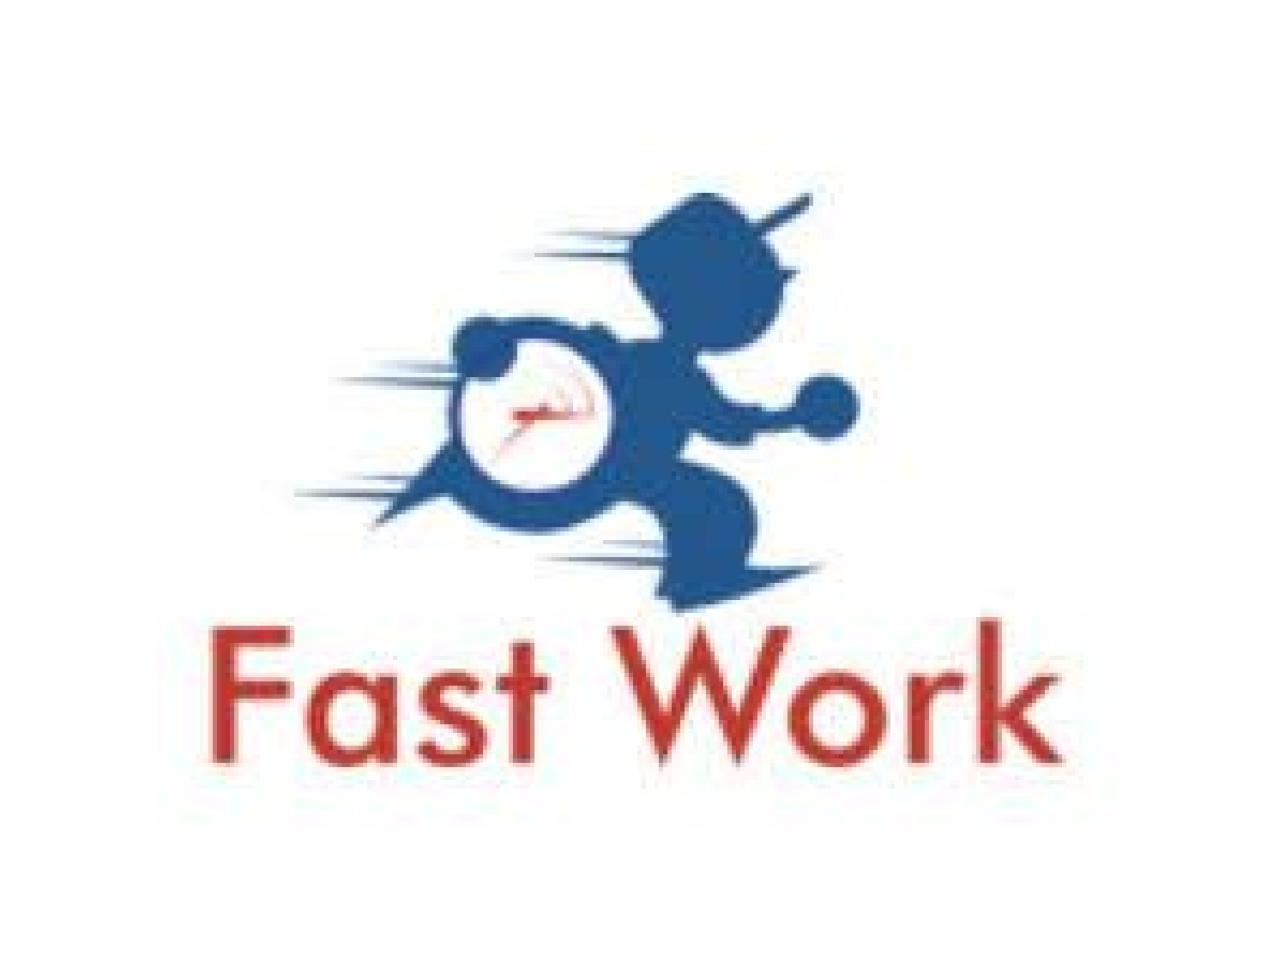 Быстрая работа в сети Интернет! Ежедневная оплата - 1